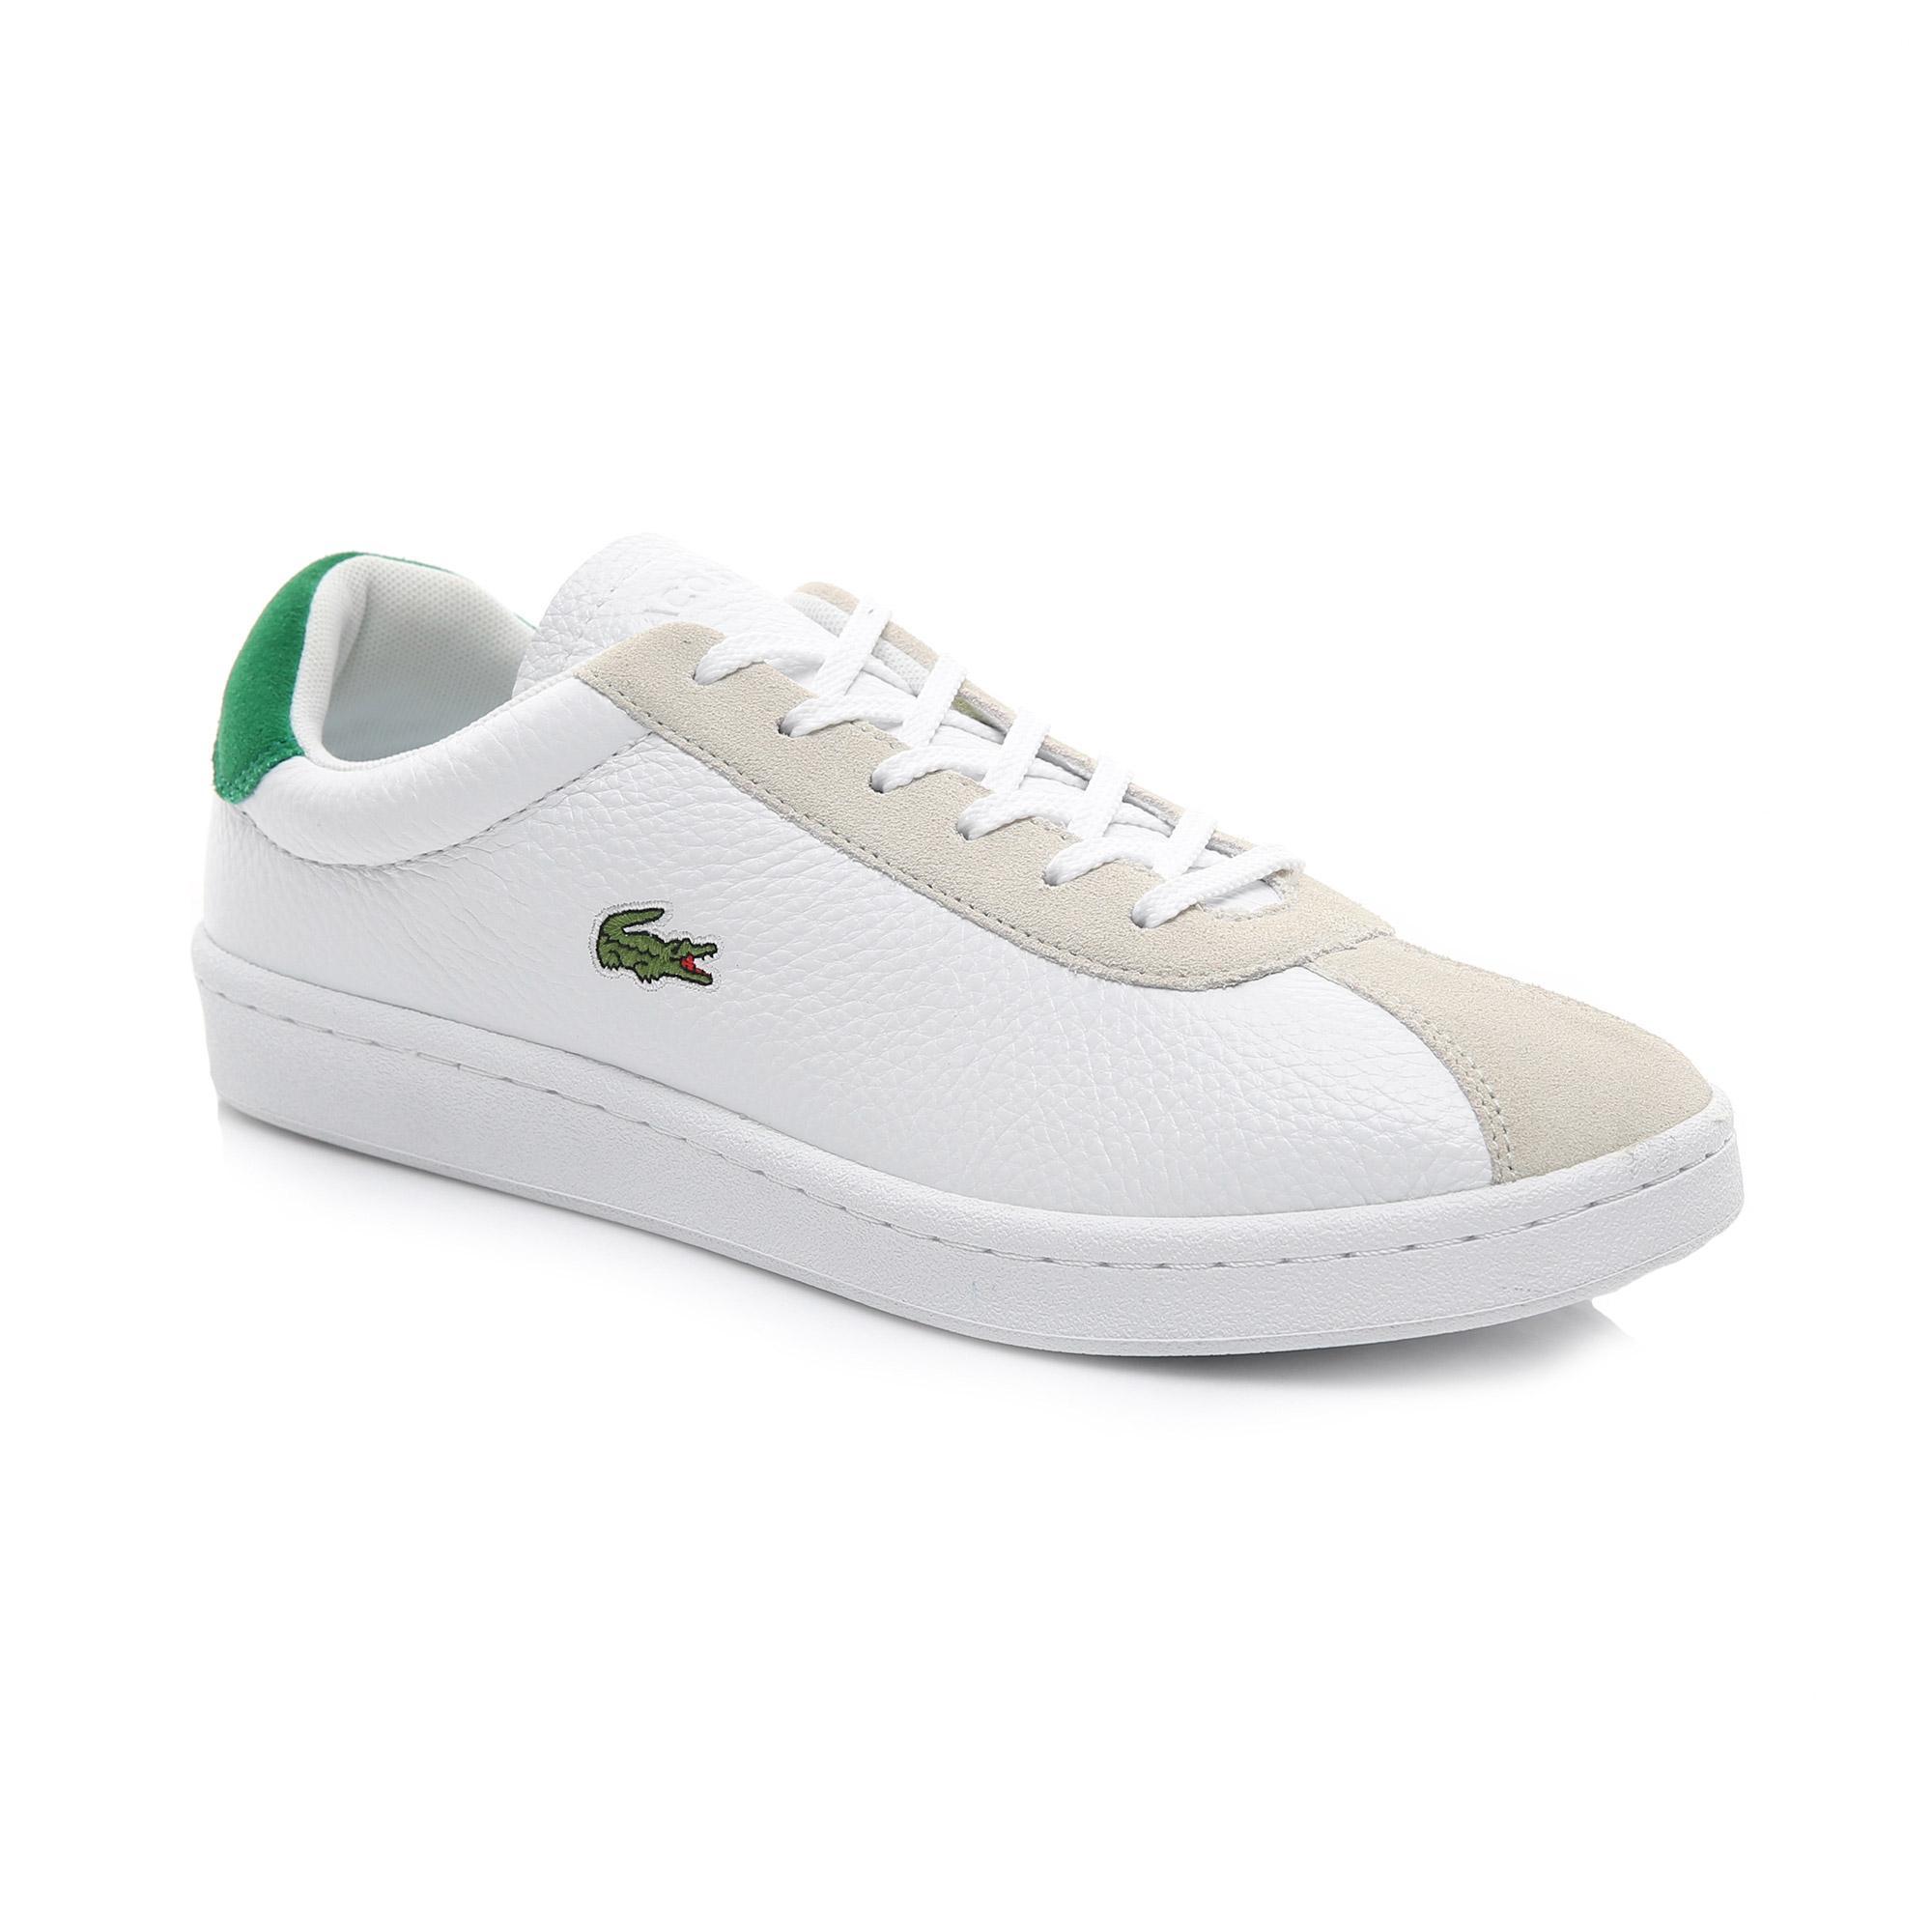 Lacoste Erkek Beyaz - Yeşil Masters 119 2 Sneaker